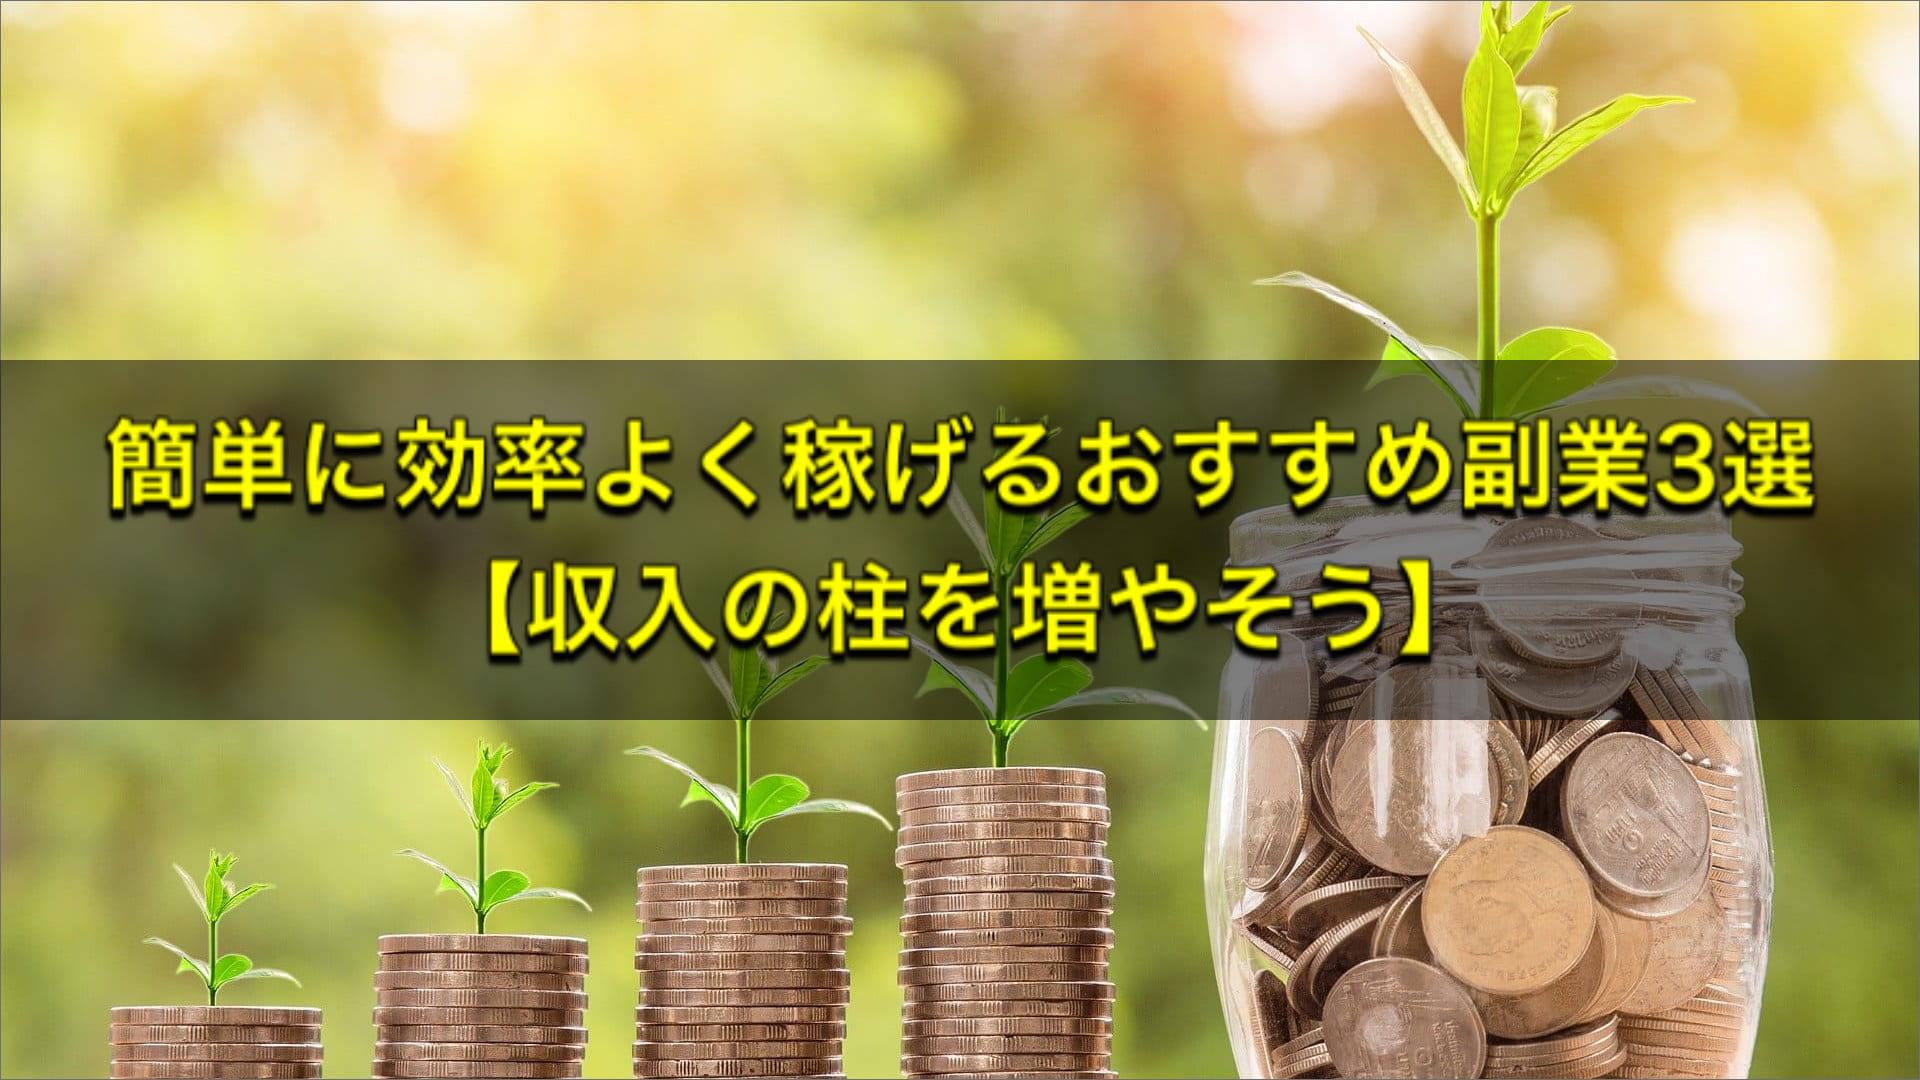 簡単に効率よく稼げるおすすめ副業3選【収入の柱を増やそう】